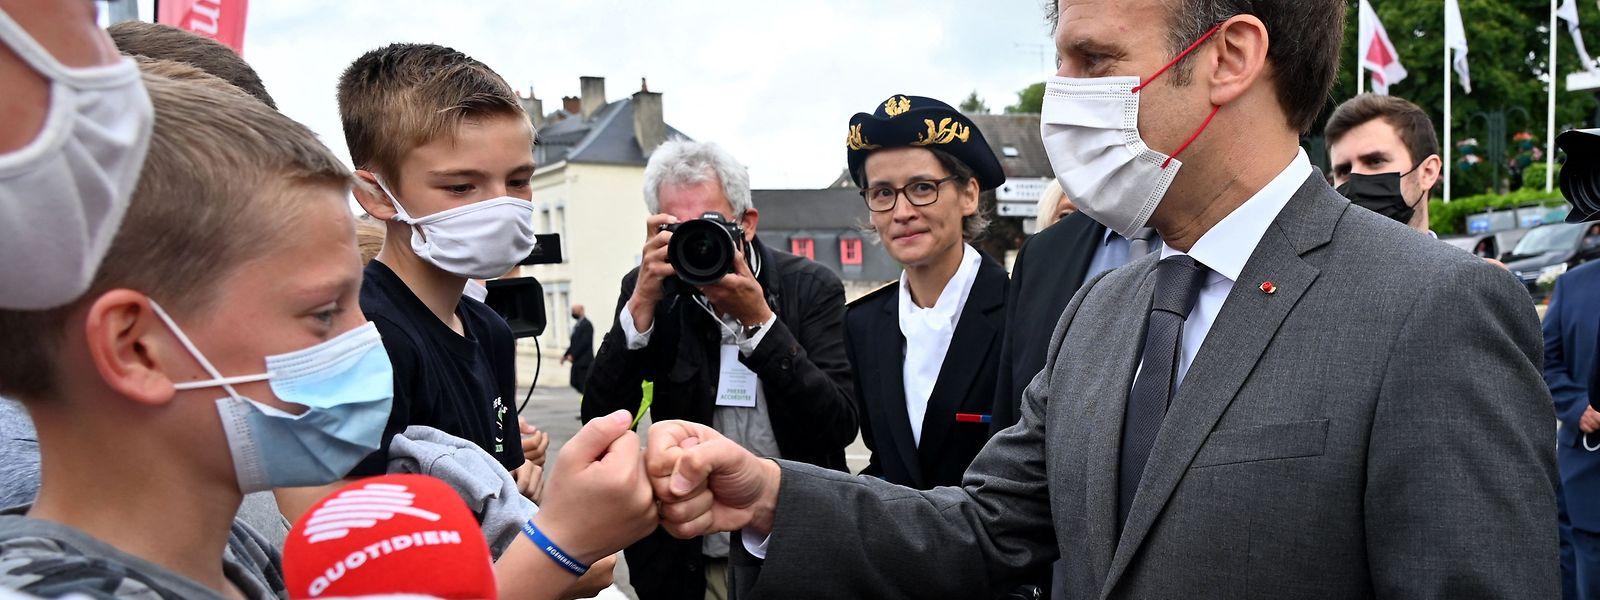 Macron suchte auch am Donnerstag den Kontakt mit der Bevölkerung.